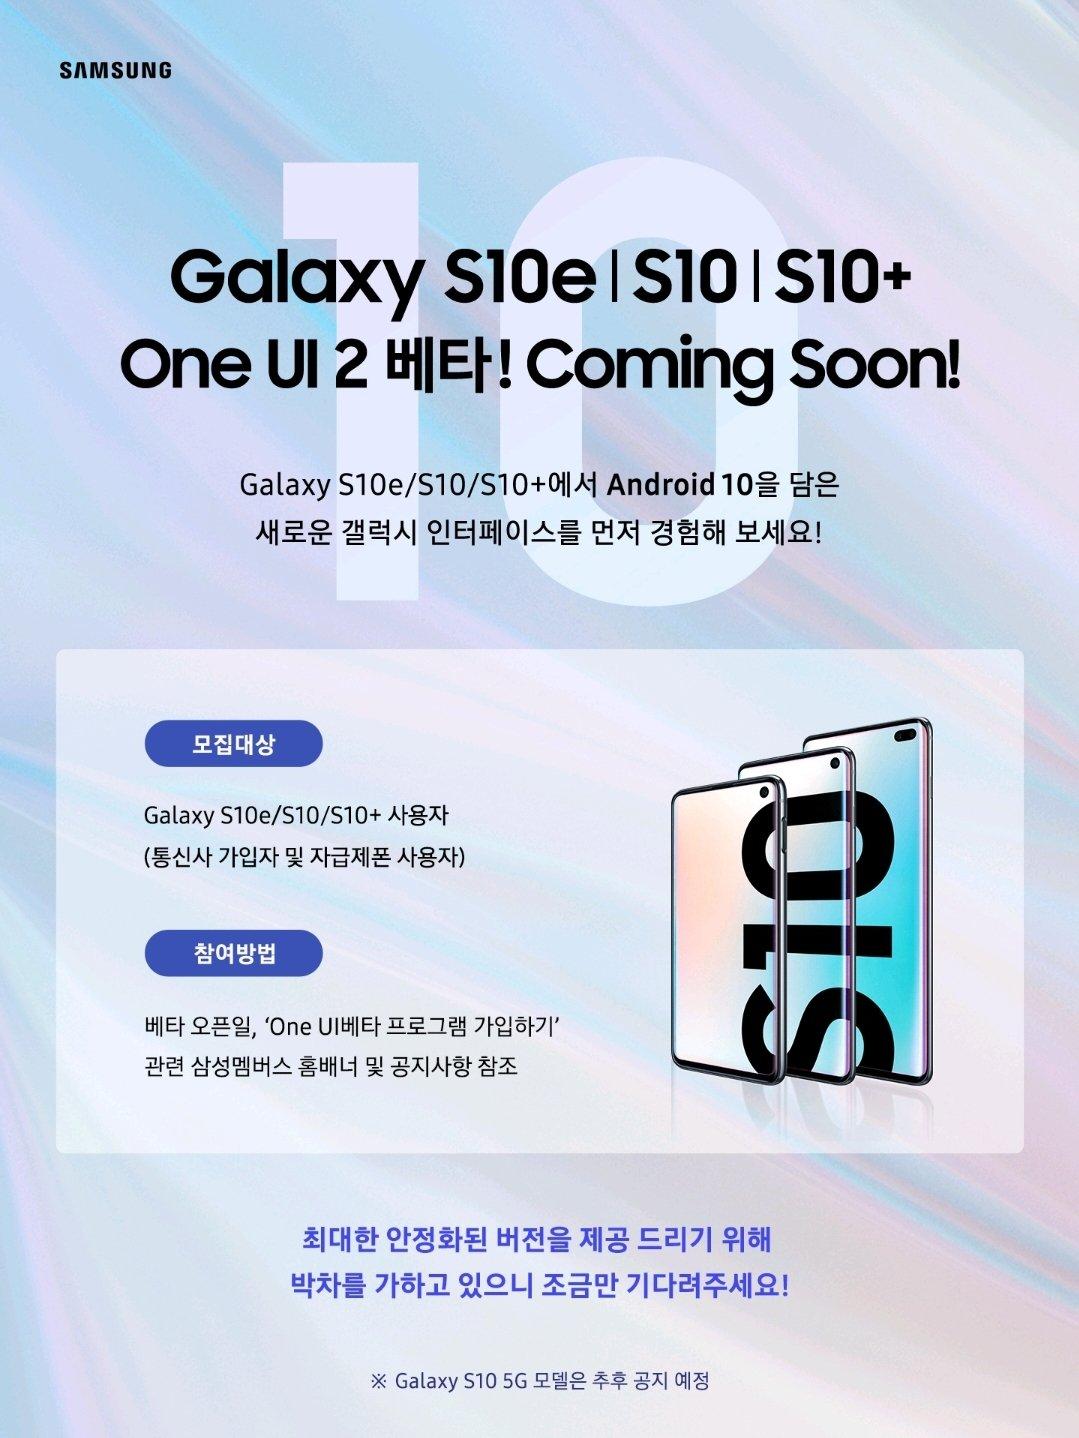 zapowiedź beta testów Androida 10 i One UI 2 dla smartfonów z serii Galaxy S10